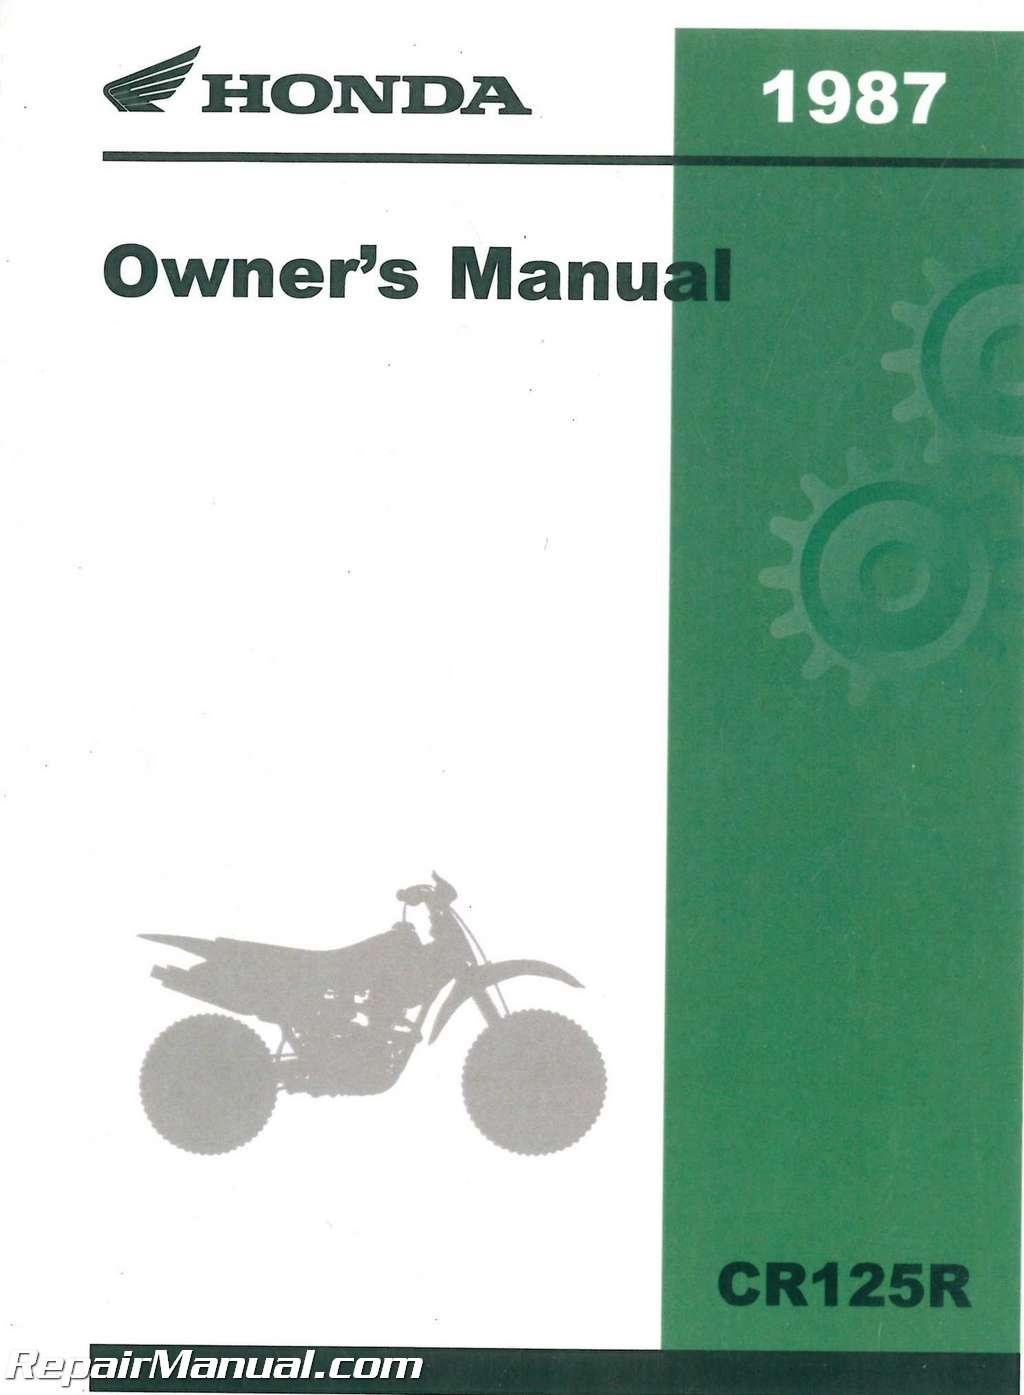 1987-Honda-CR125R-Motorcycle-Owners-Manual_001.jpg ...